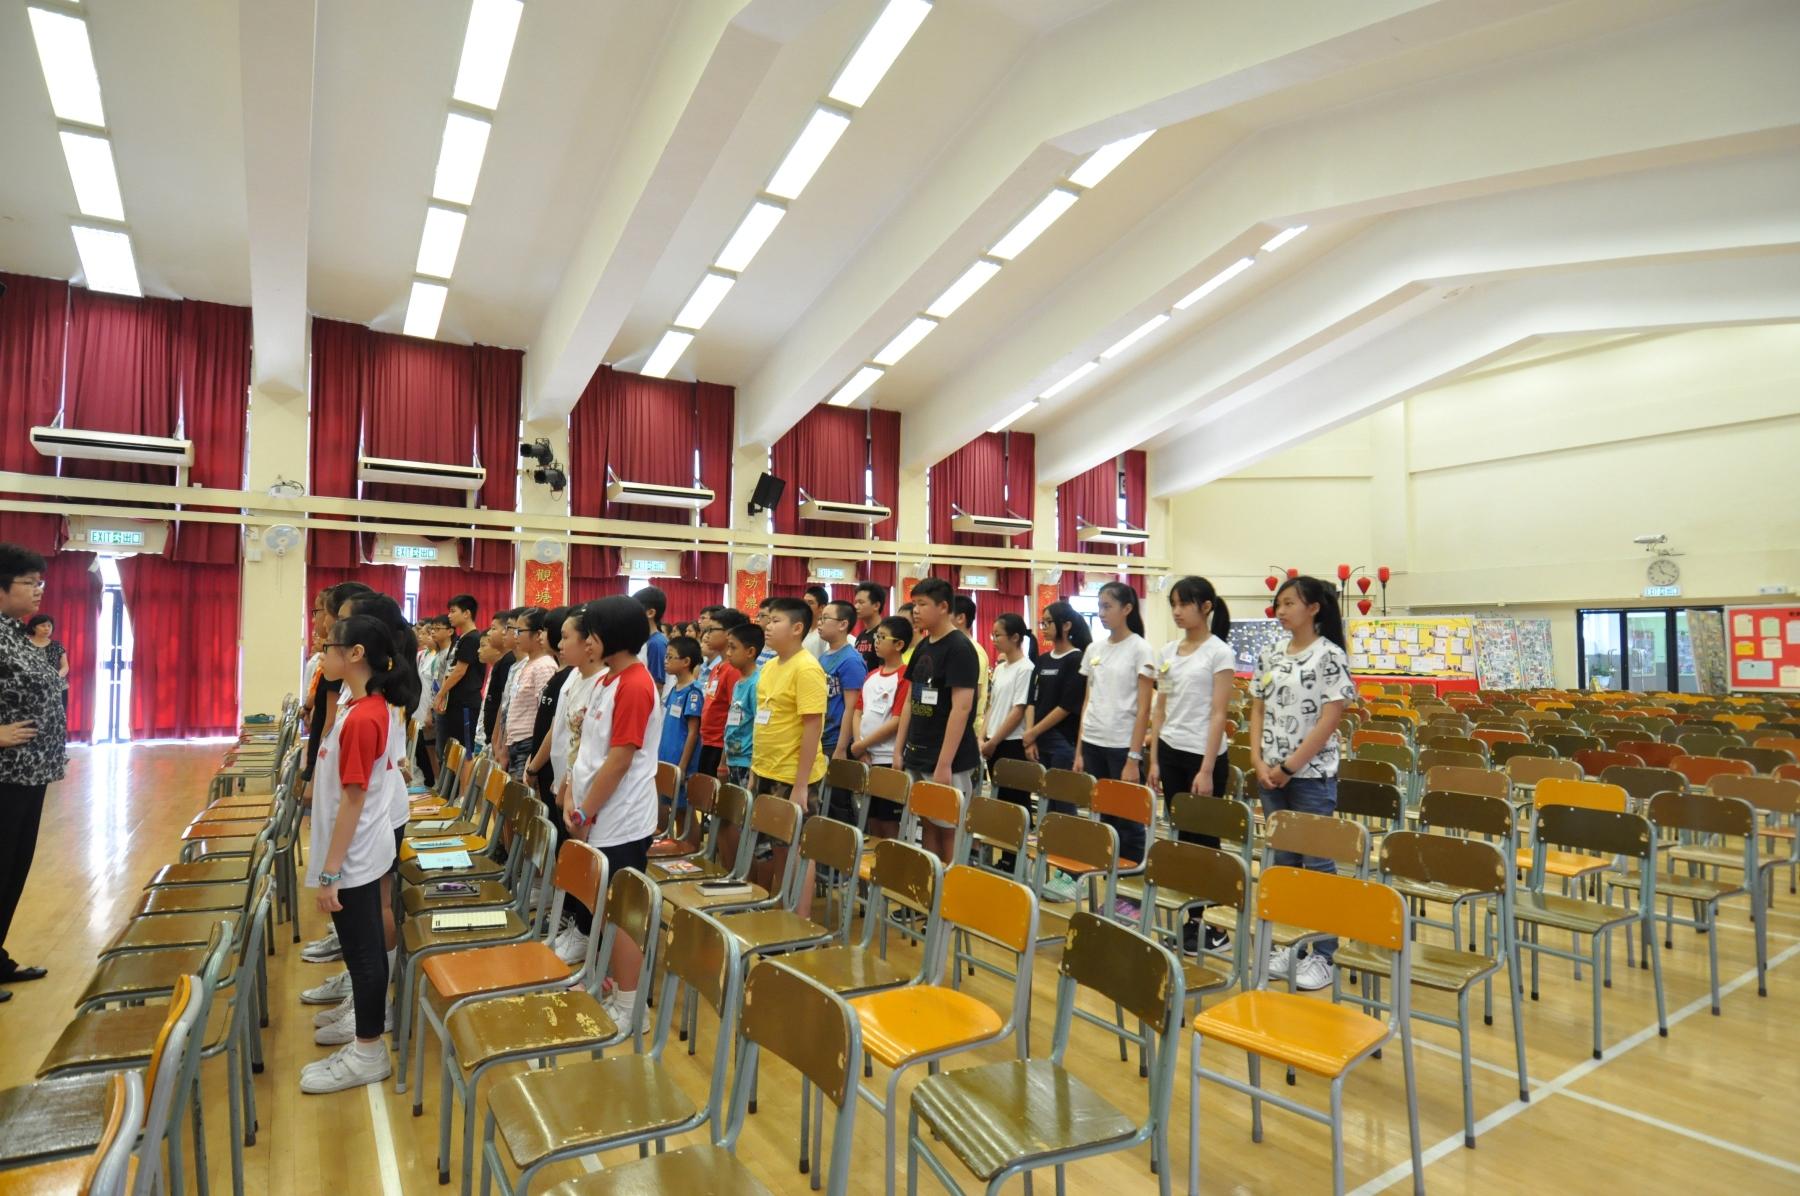 http://www.npc.edu.hk/sites/default/files/ren_shi_zhu_bo_.ren_shi_zi_ji_20170814_02.jpg